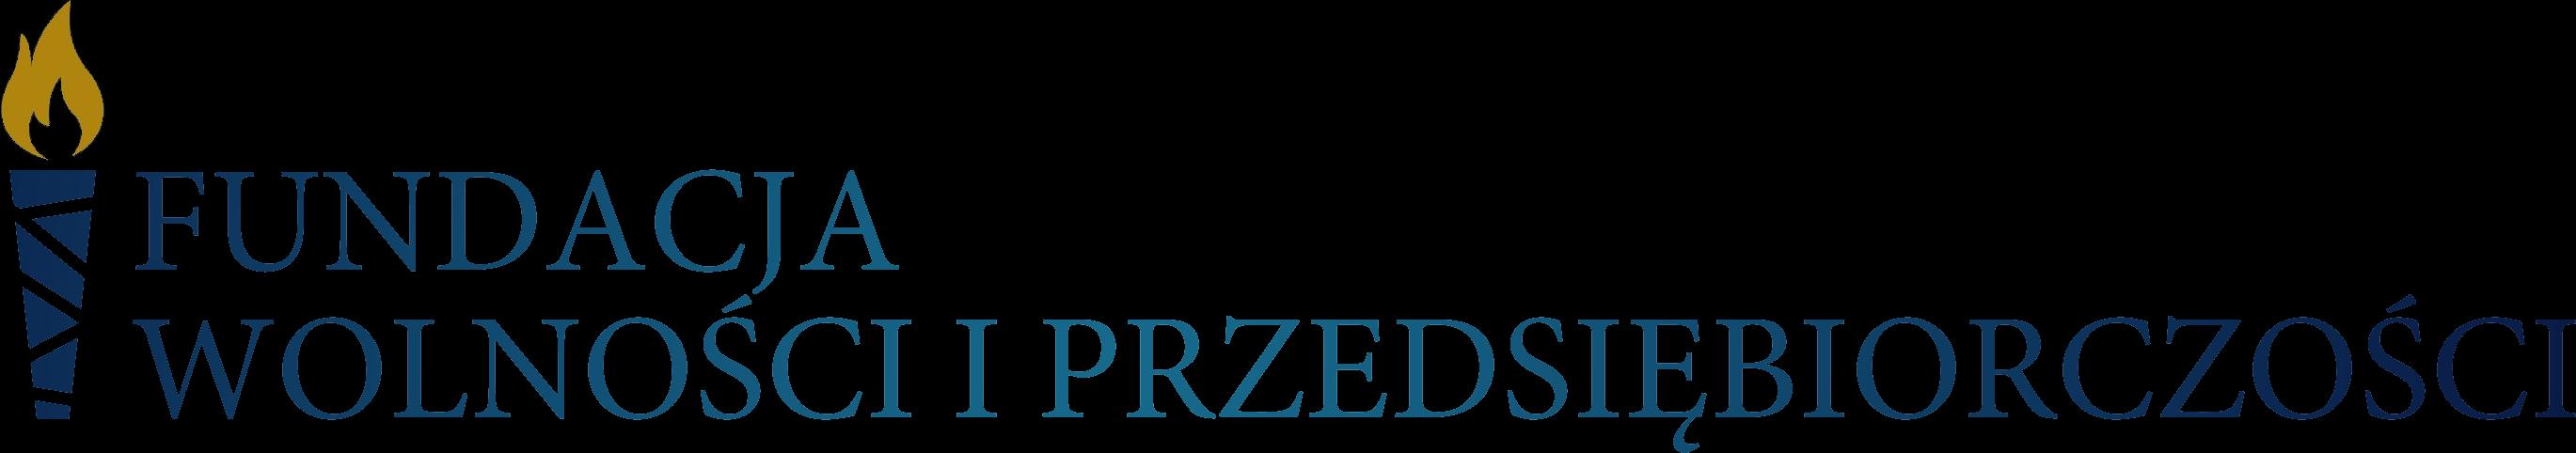 Fundacja Wolności i Przedsiębiorczości